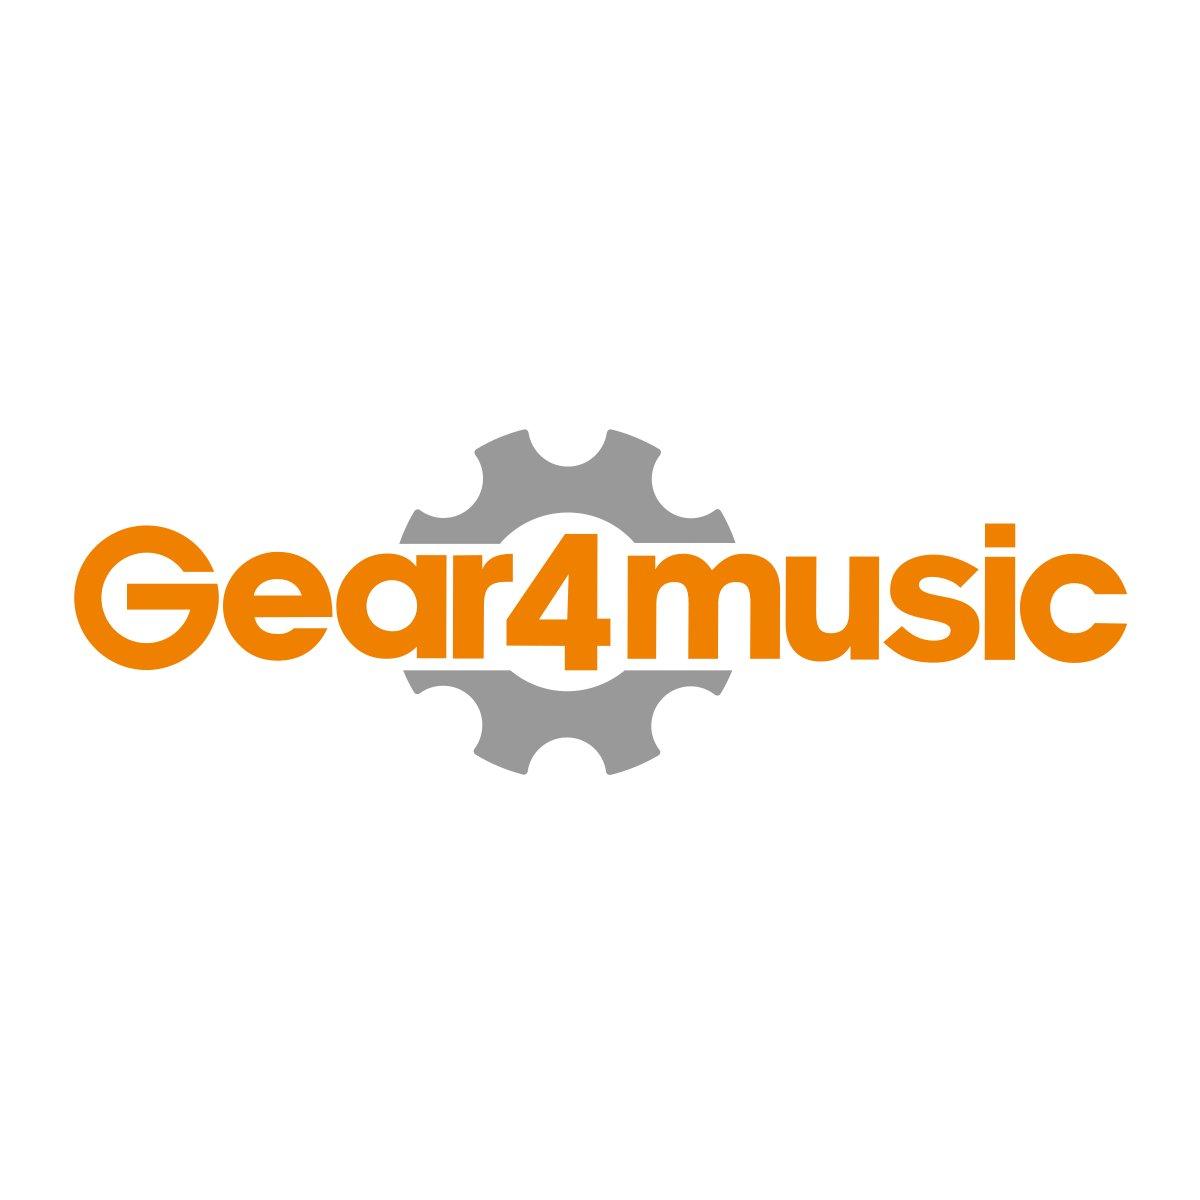 Guitarra Acústica Dreadnought Gear4music + Conjunto de Acessórios, Preto